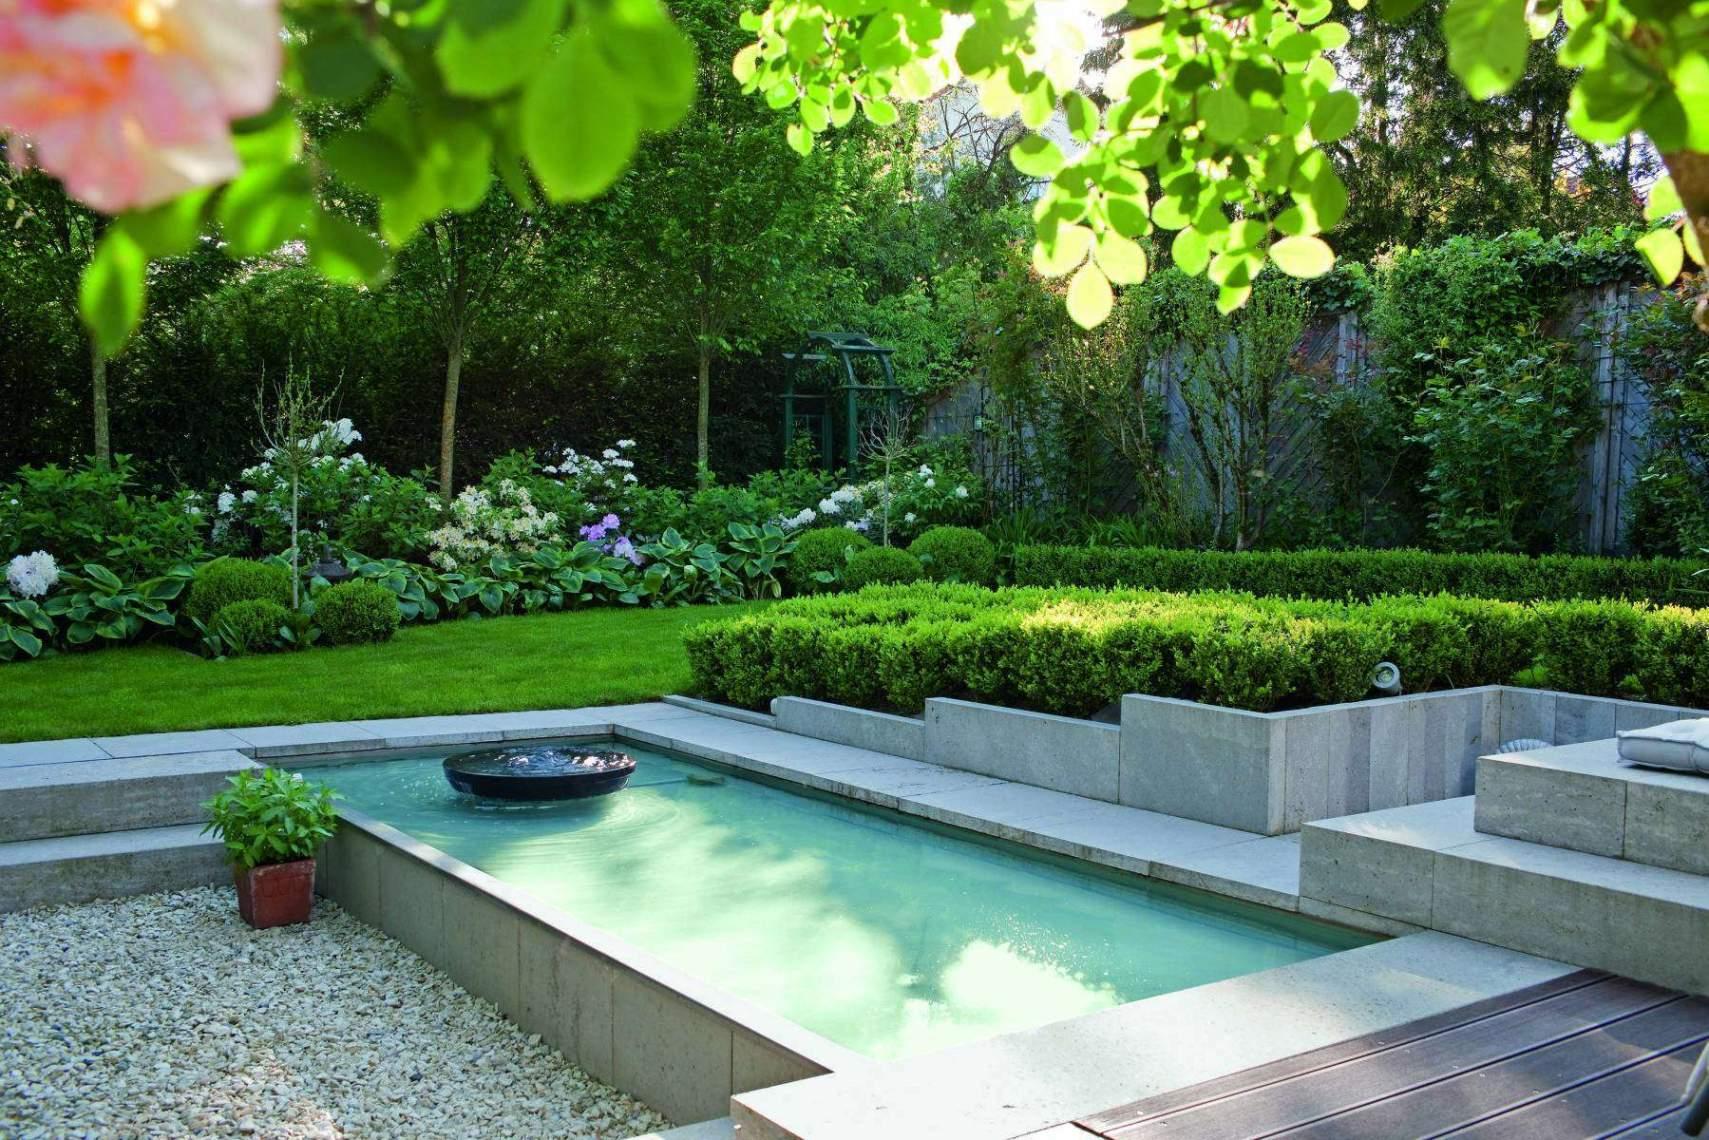 Pool Für Kleinen Garten Schön Kleine Pools Für Kleine Gärten — Temobardz Home Blog